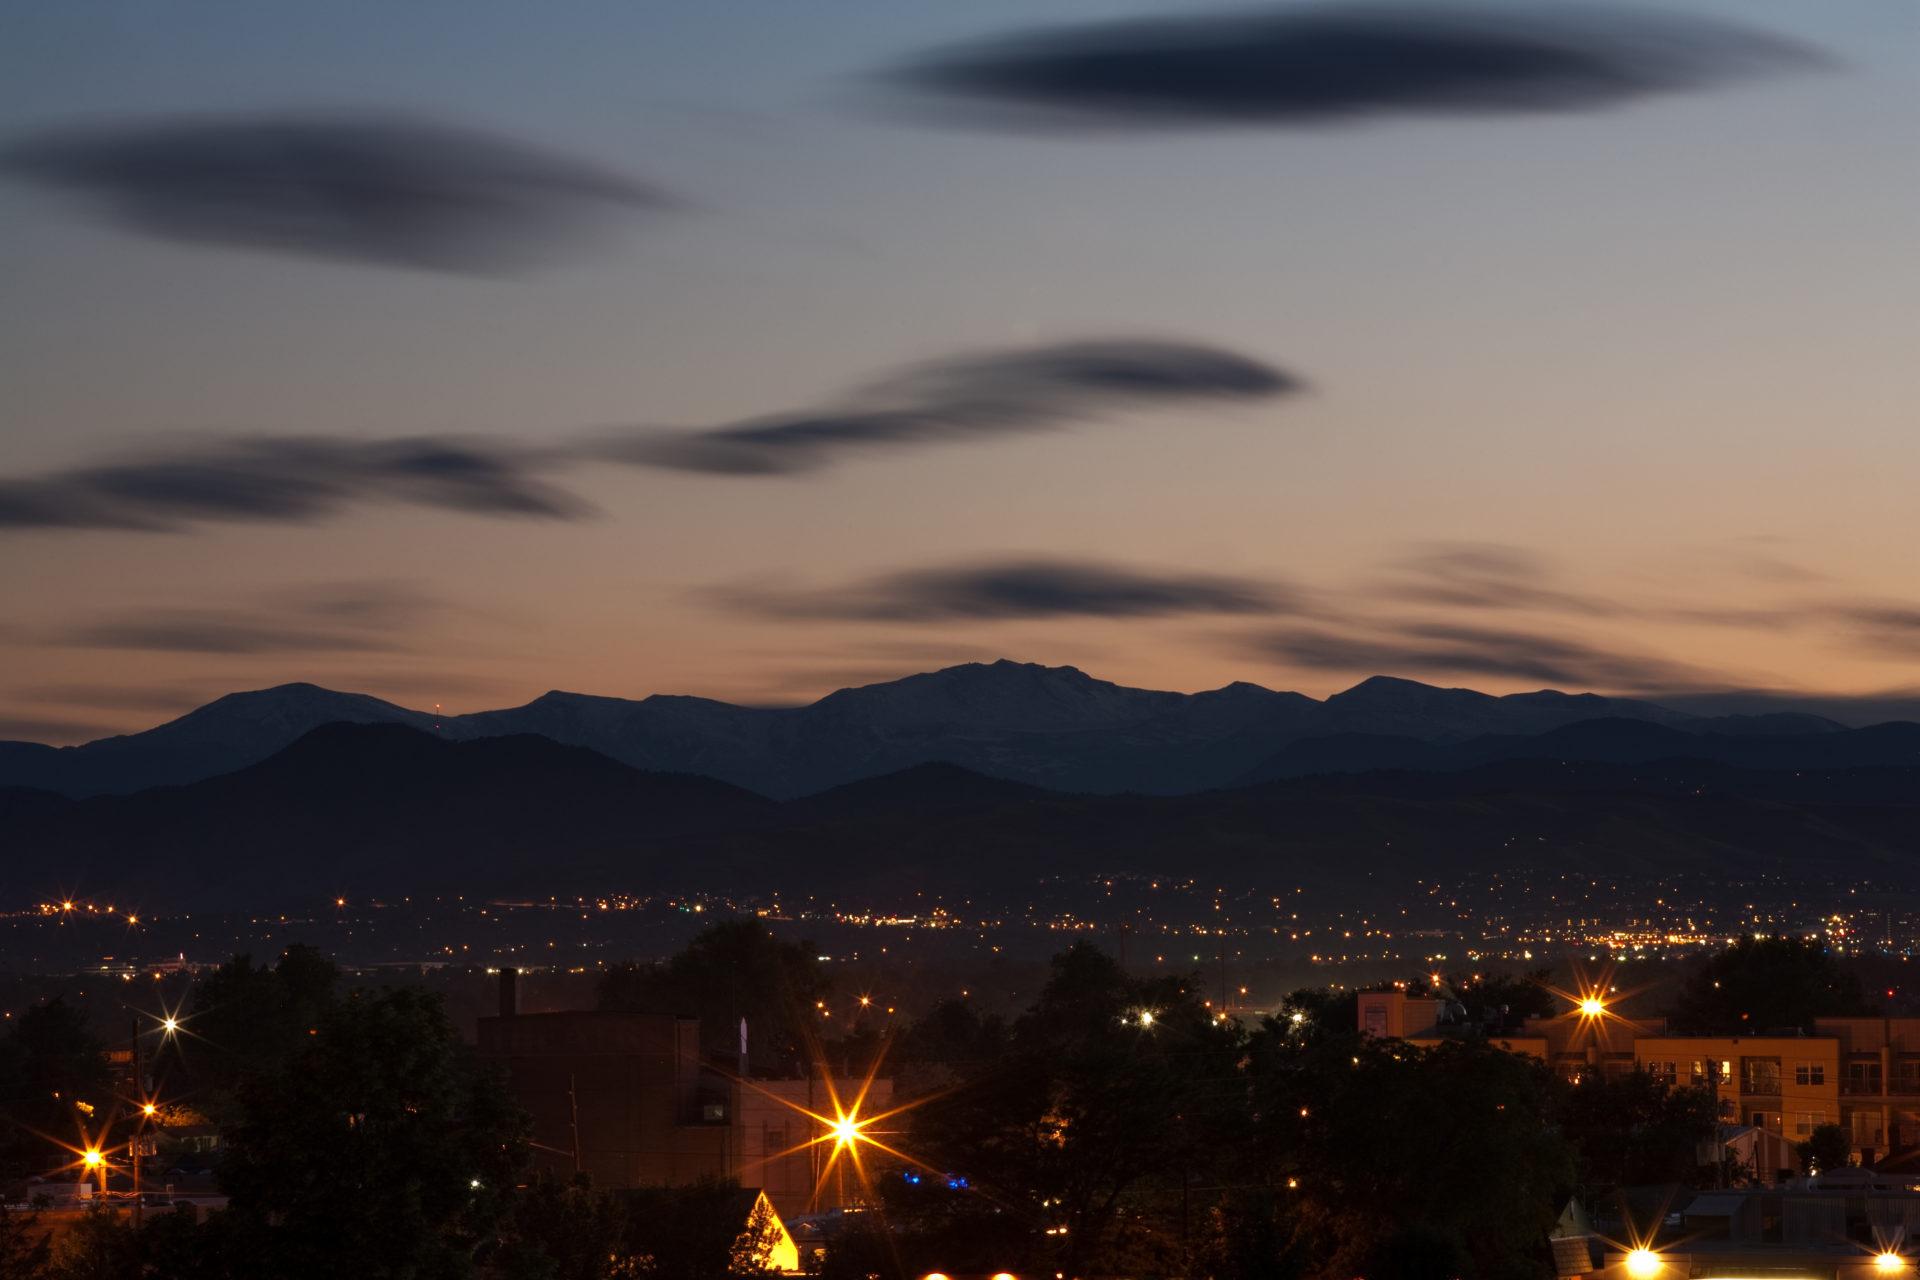 Mount Evans night - June 21, 2011